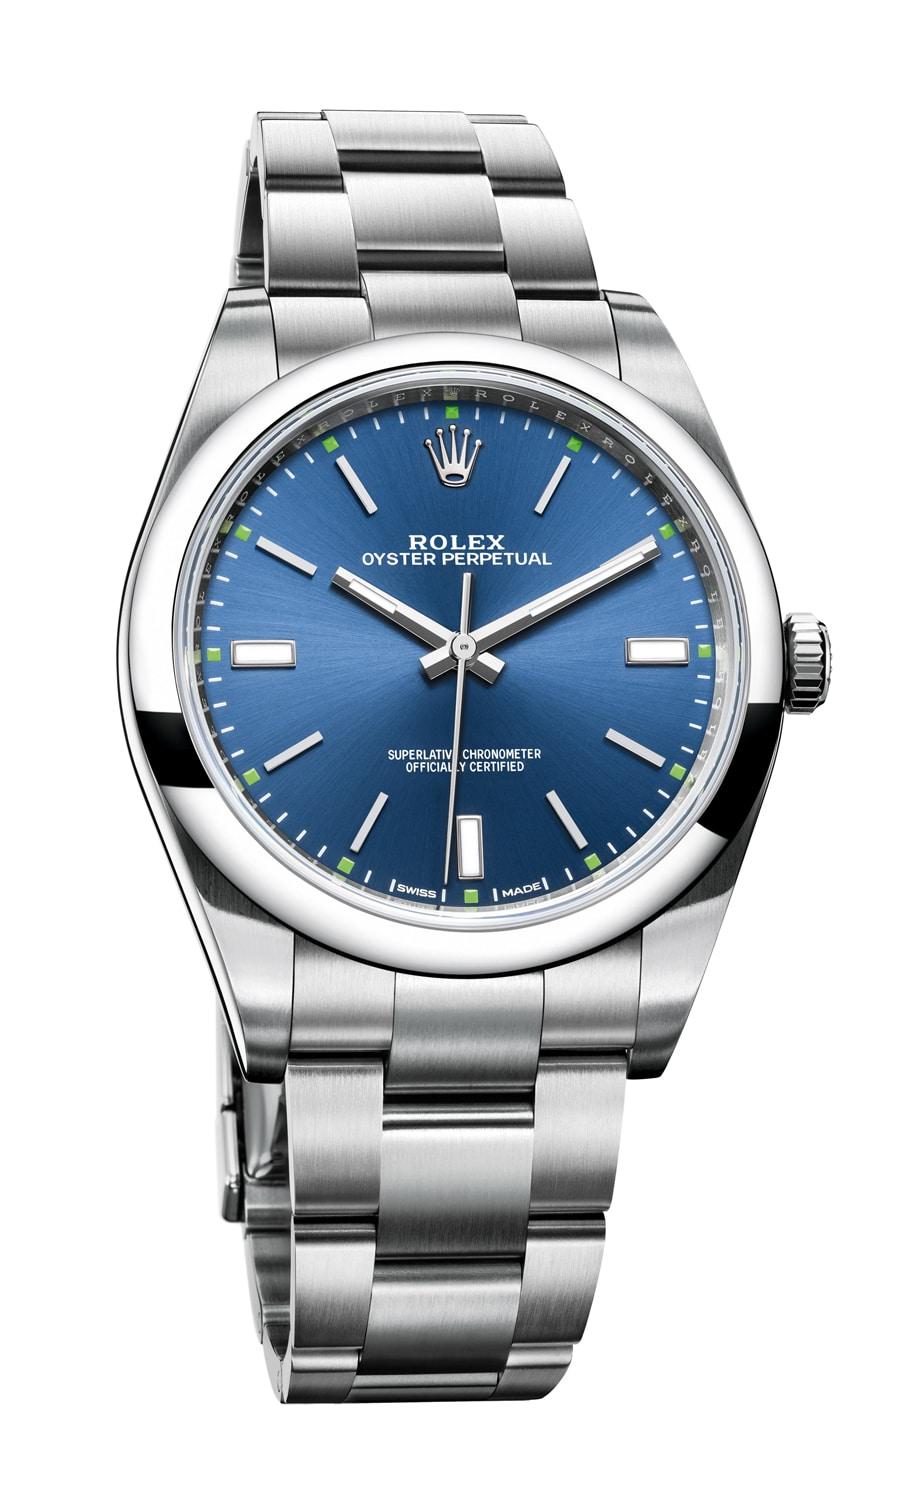 Rolex: Oyster Perpetual in Blau mit 39 Millimetern Durchmesser